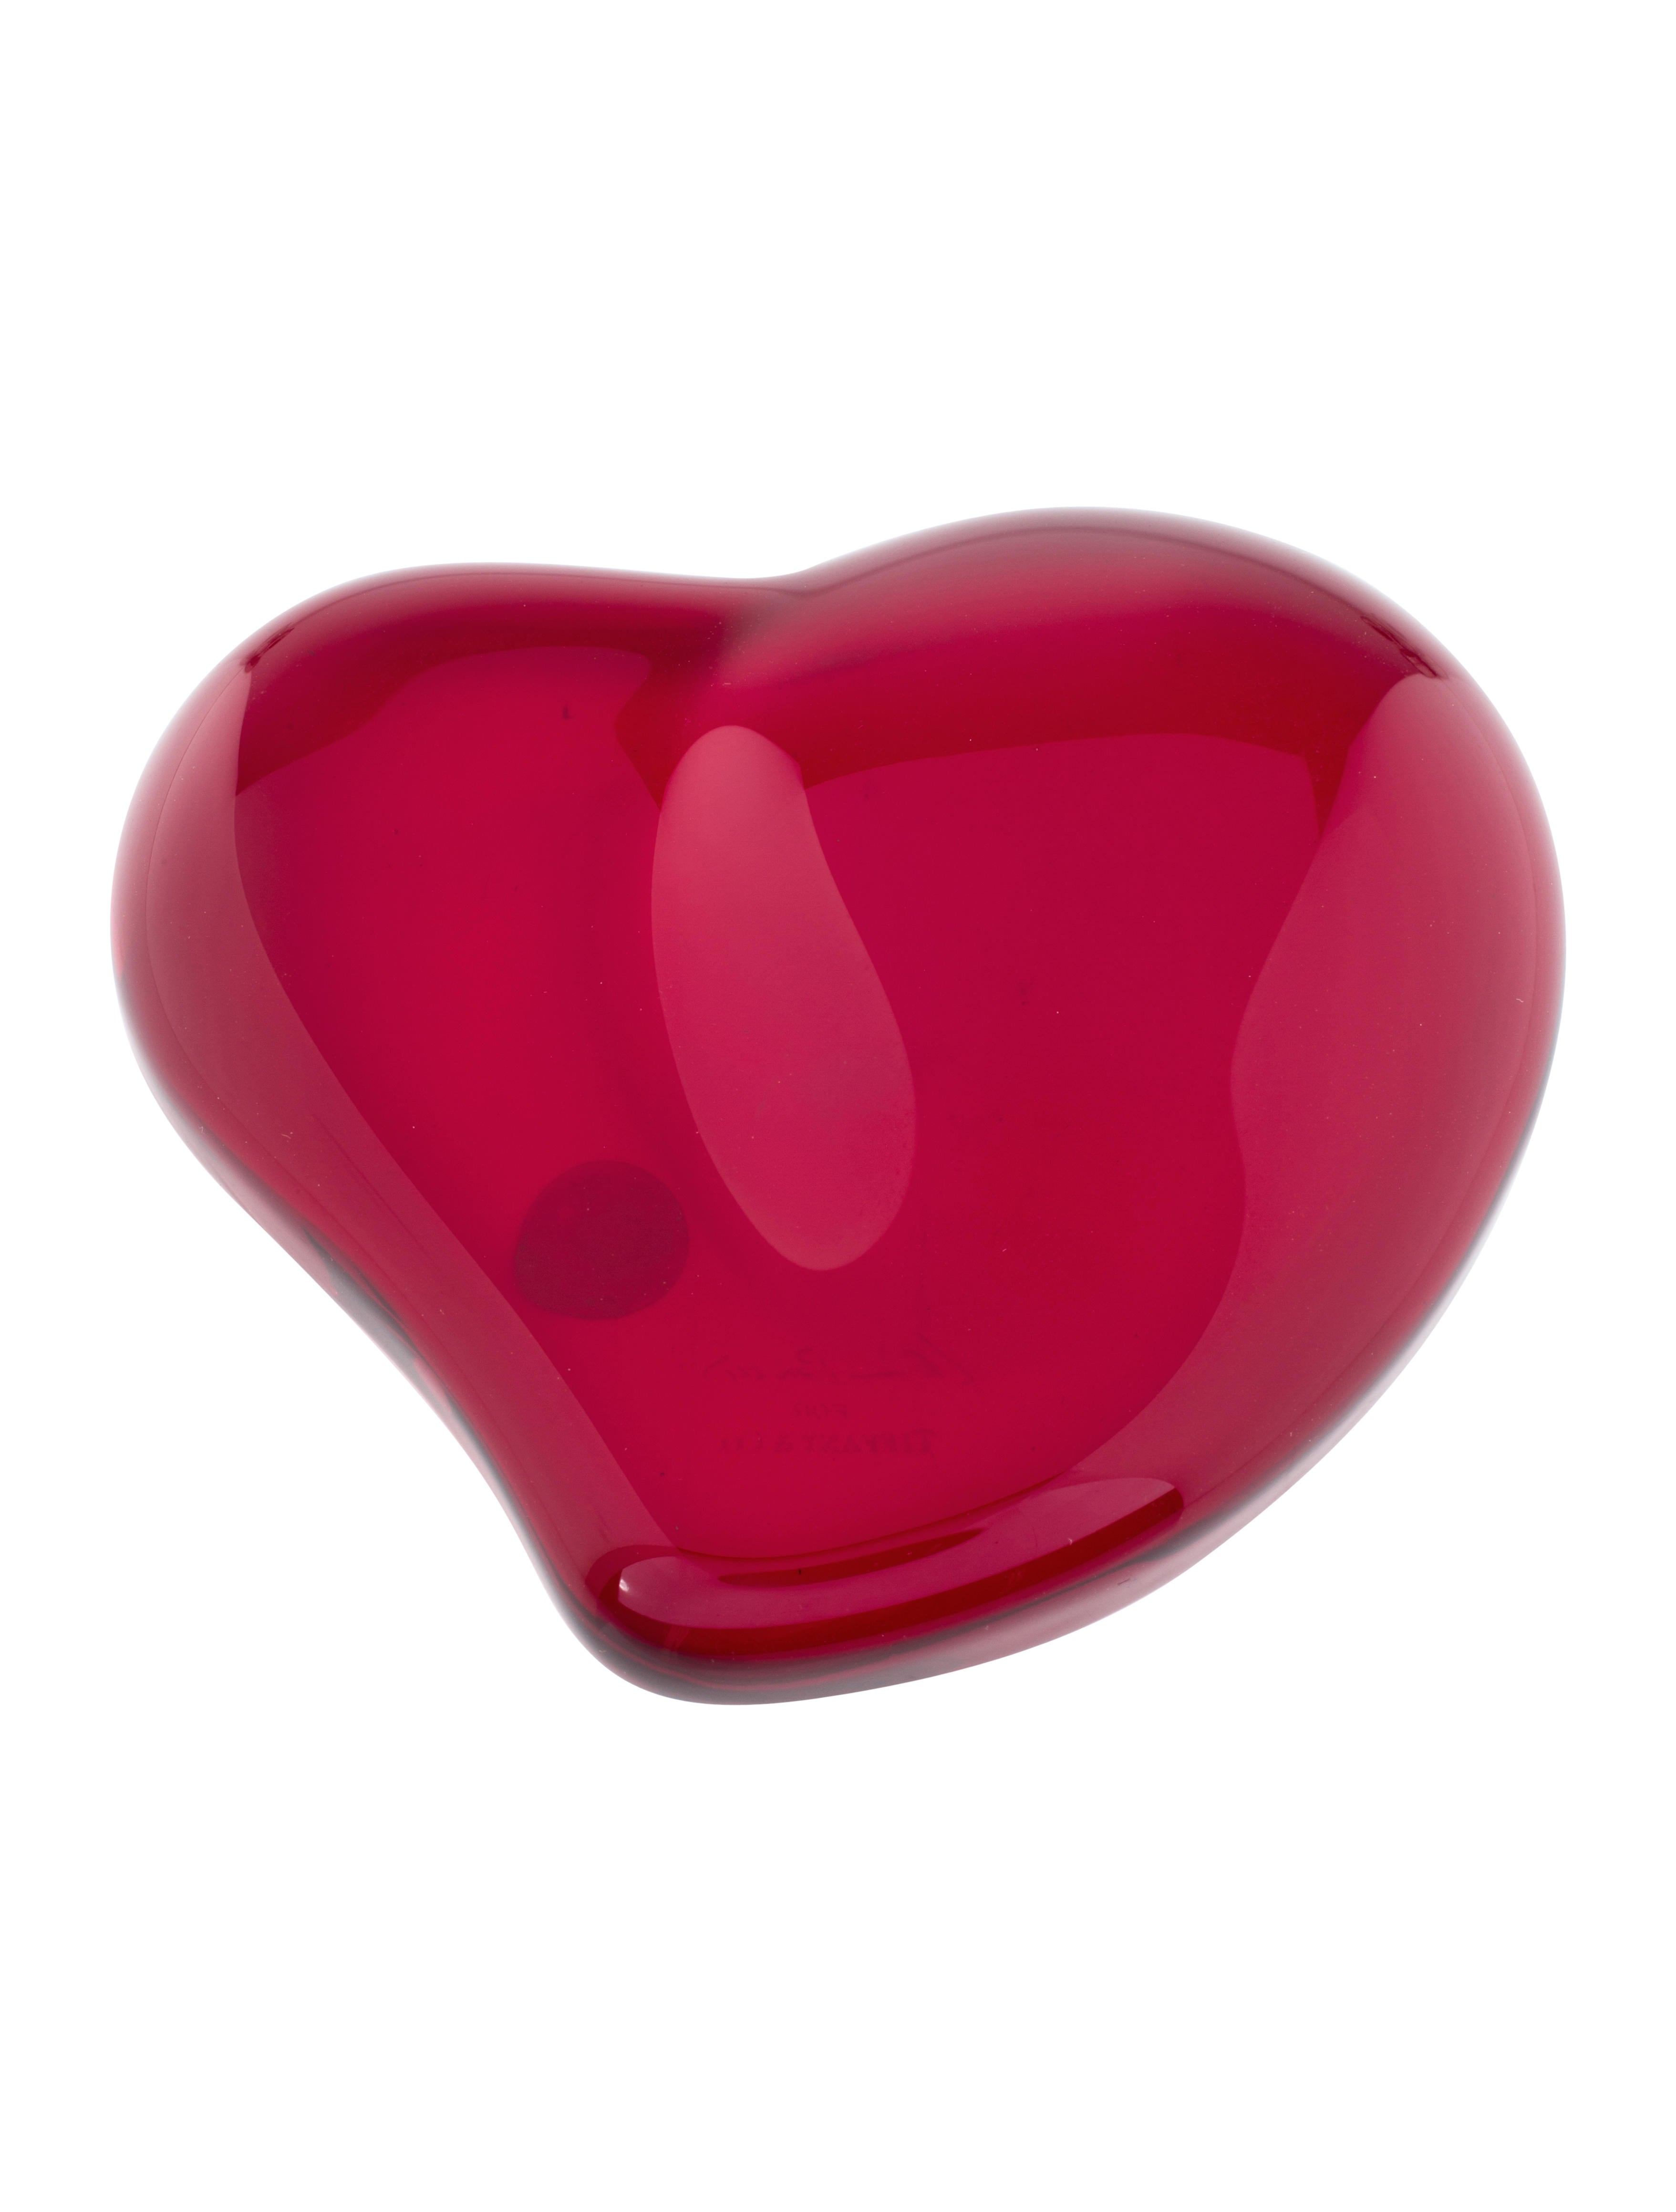 f7331adfcab9 Tiffany & Co. Elsa Peretti Heart Paperweight - Decor & Accessories ...